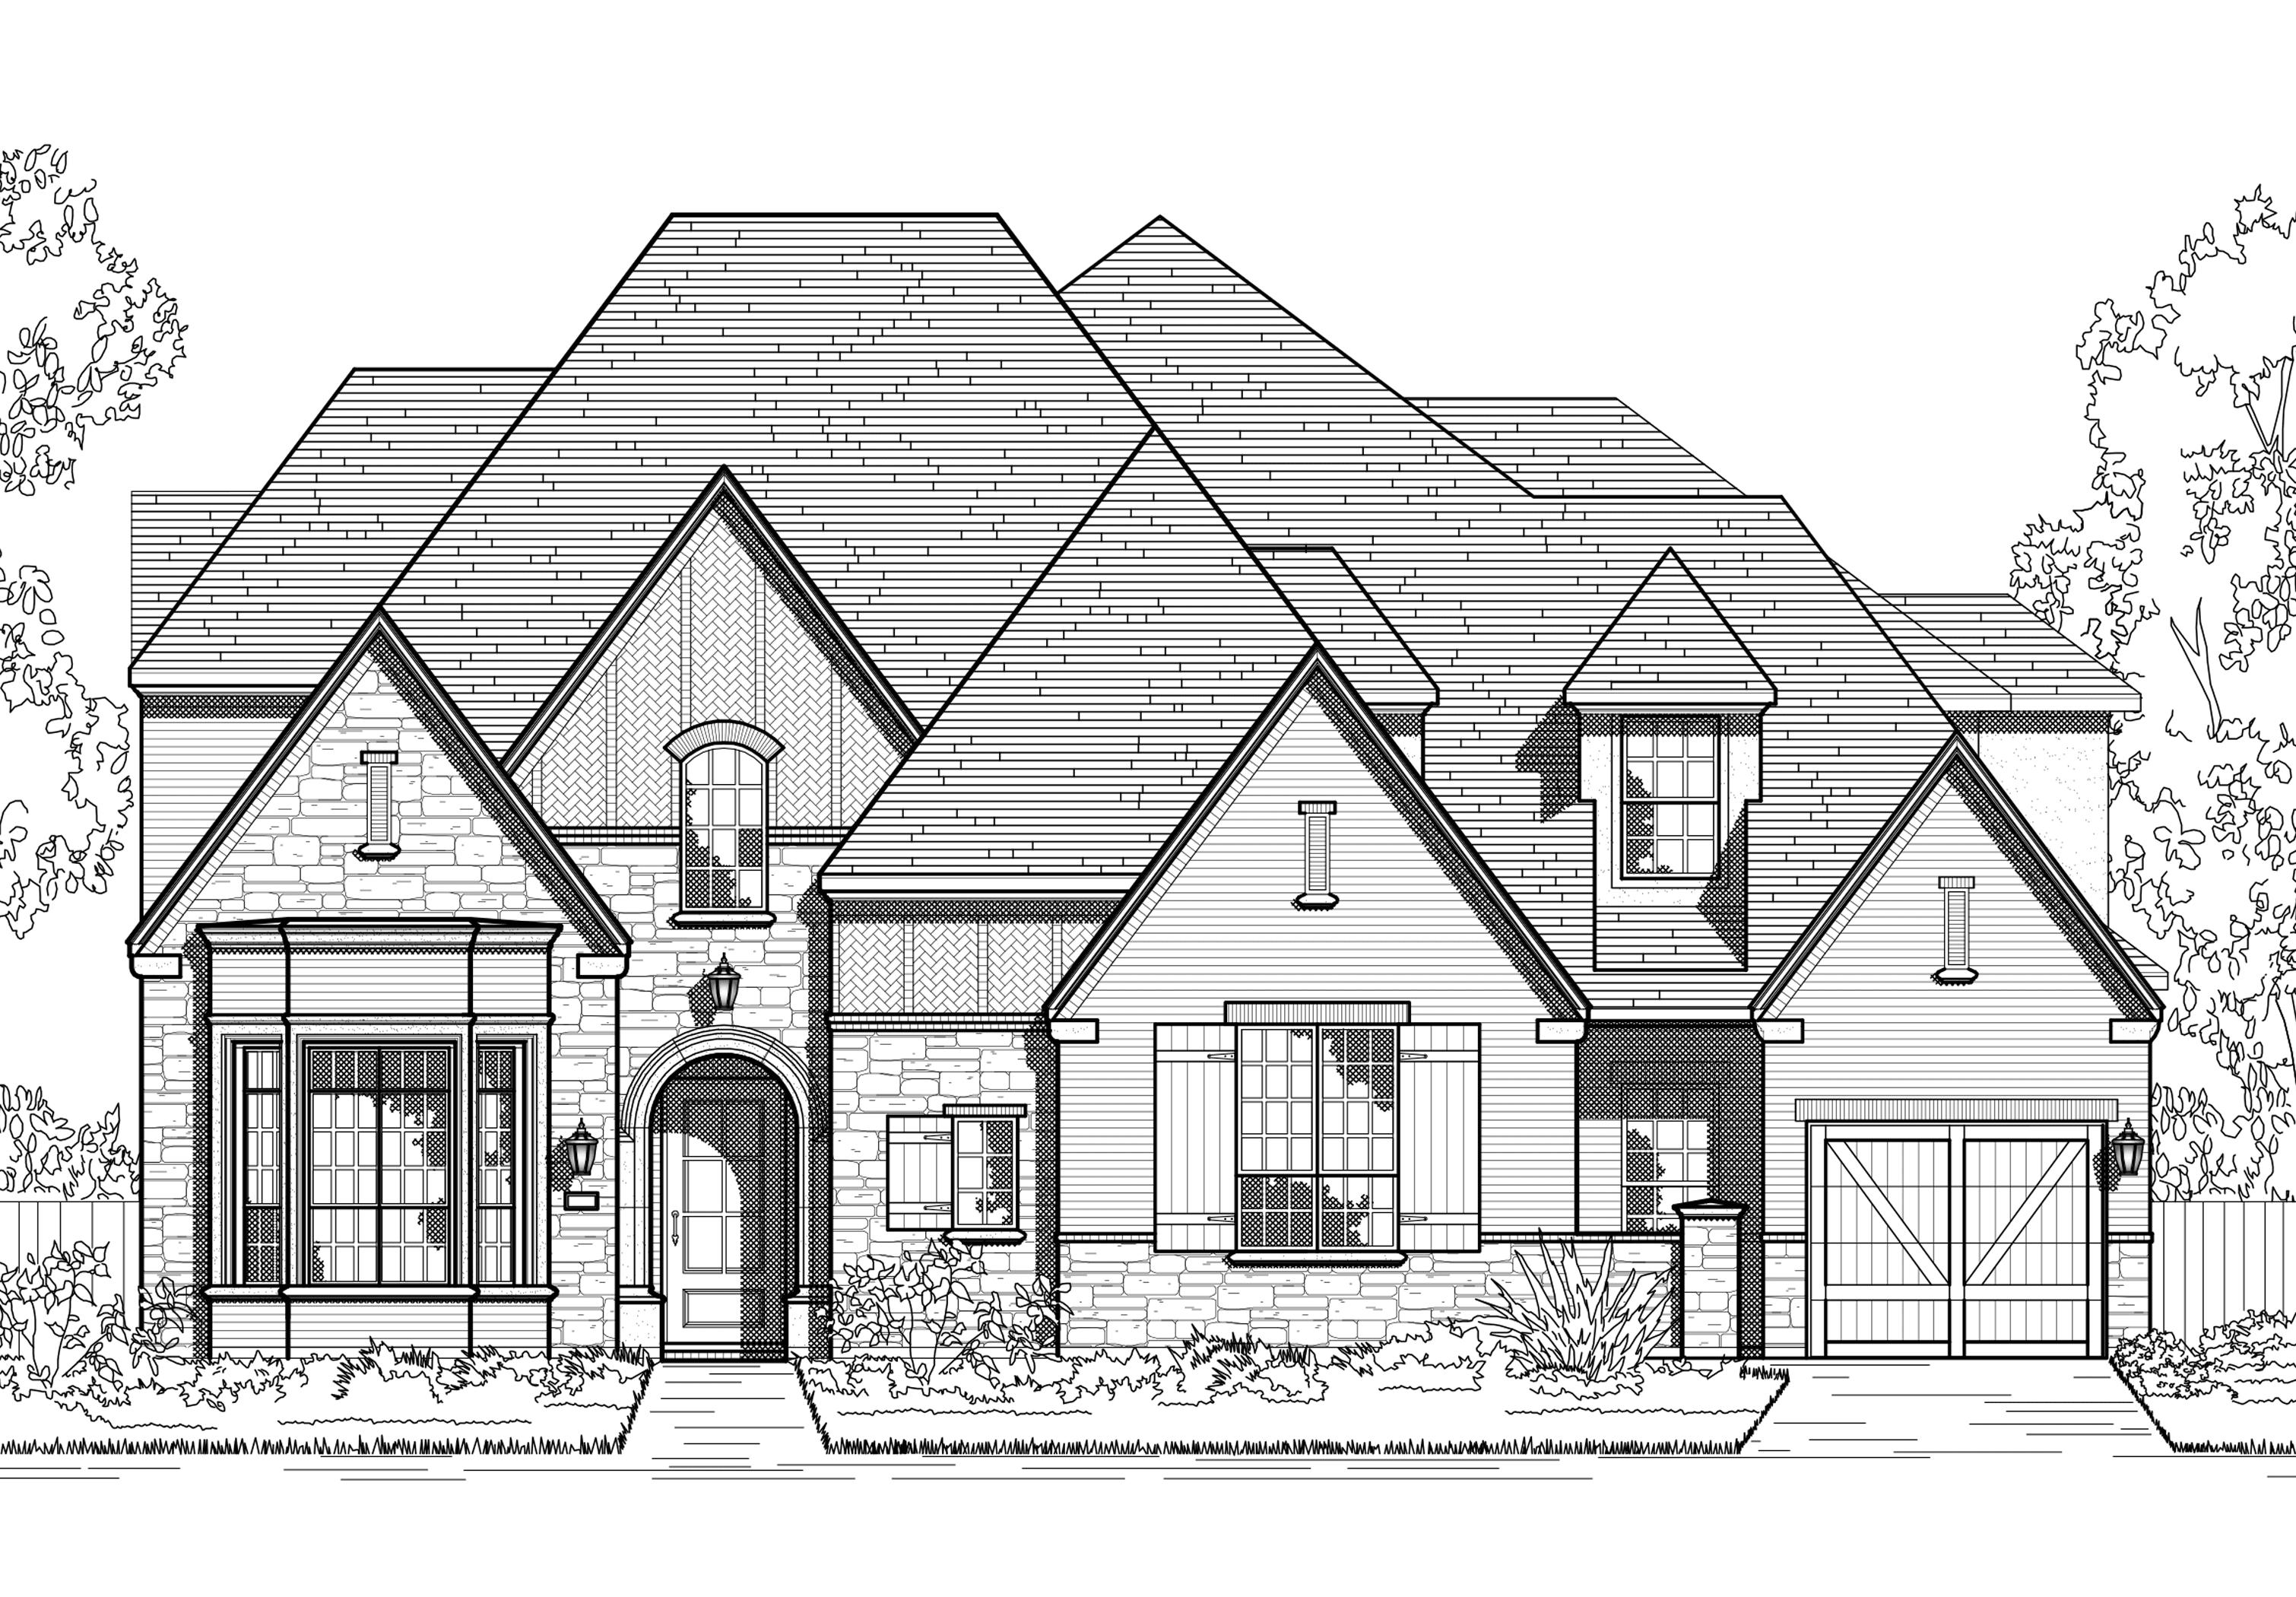 huntington homes dallas tx communities u0026 homes for sale